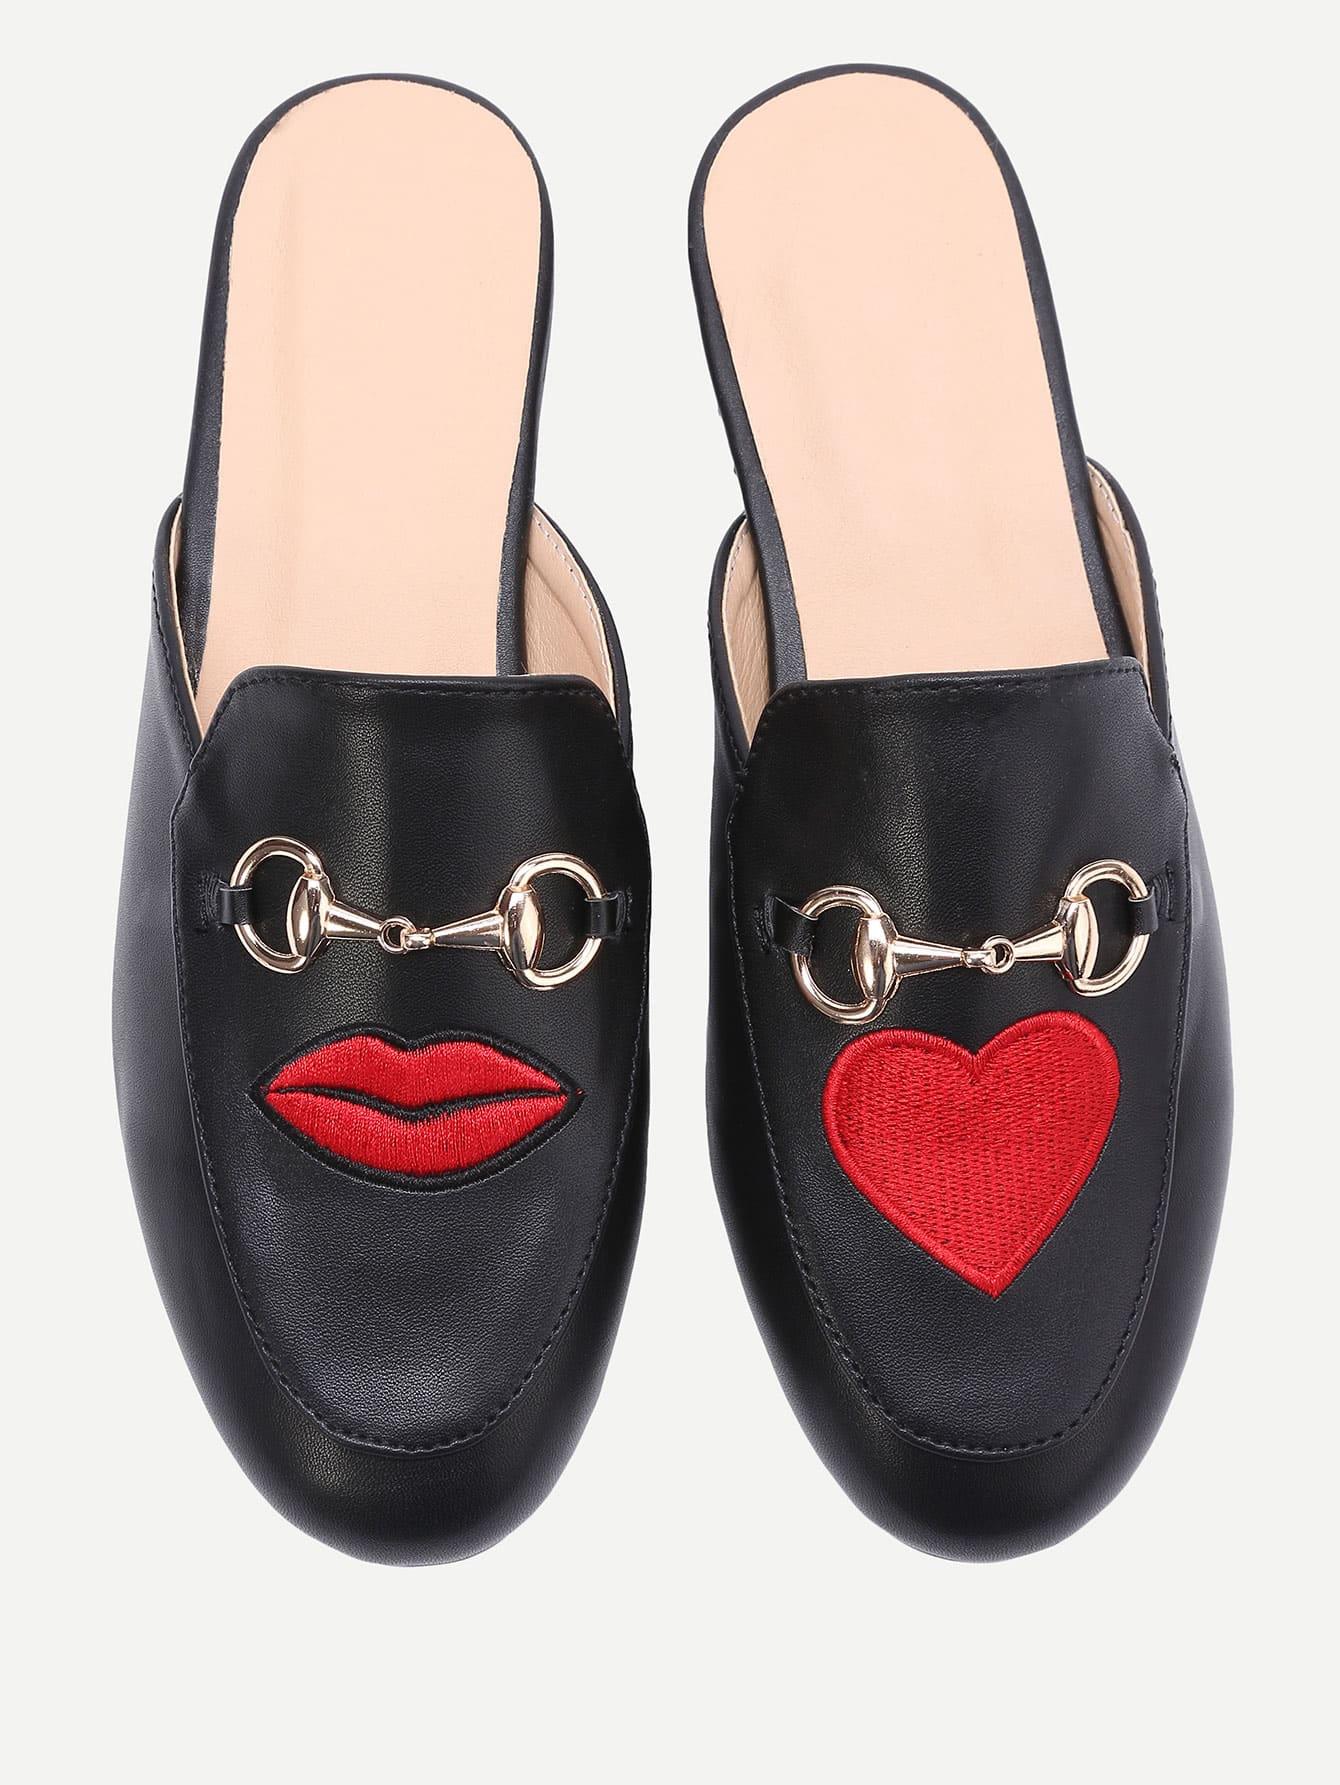 shoes170208801_2